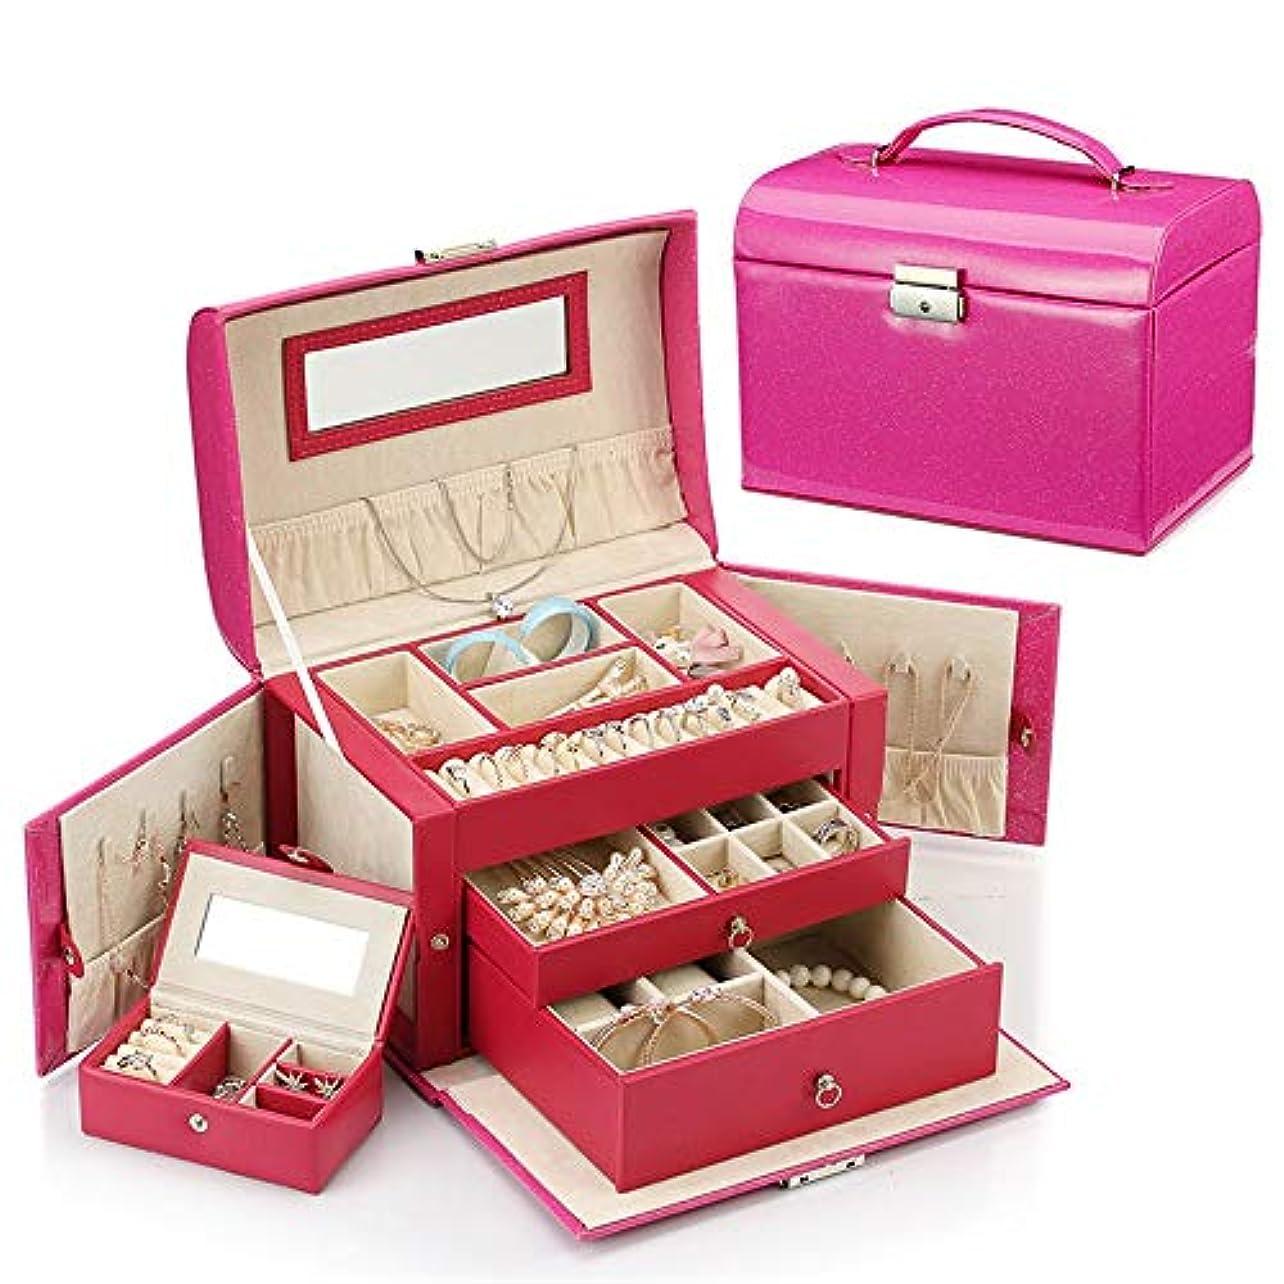 発明宣言する期待する化粧オーガナイザーバッグ 小さなアイテムのストレージのための丈夫な女性のジュエリーの収納ボックス 化粧品ケース (色 : ローズレッド)